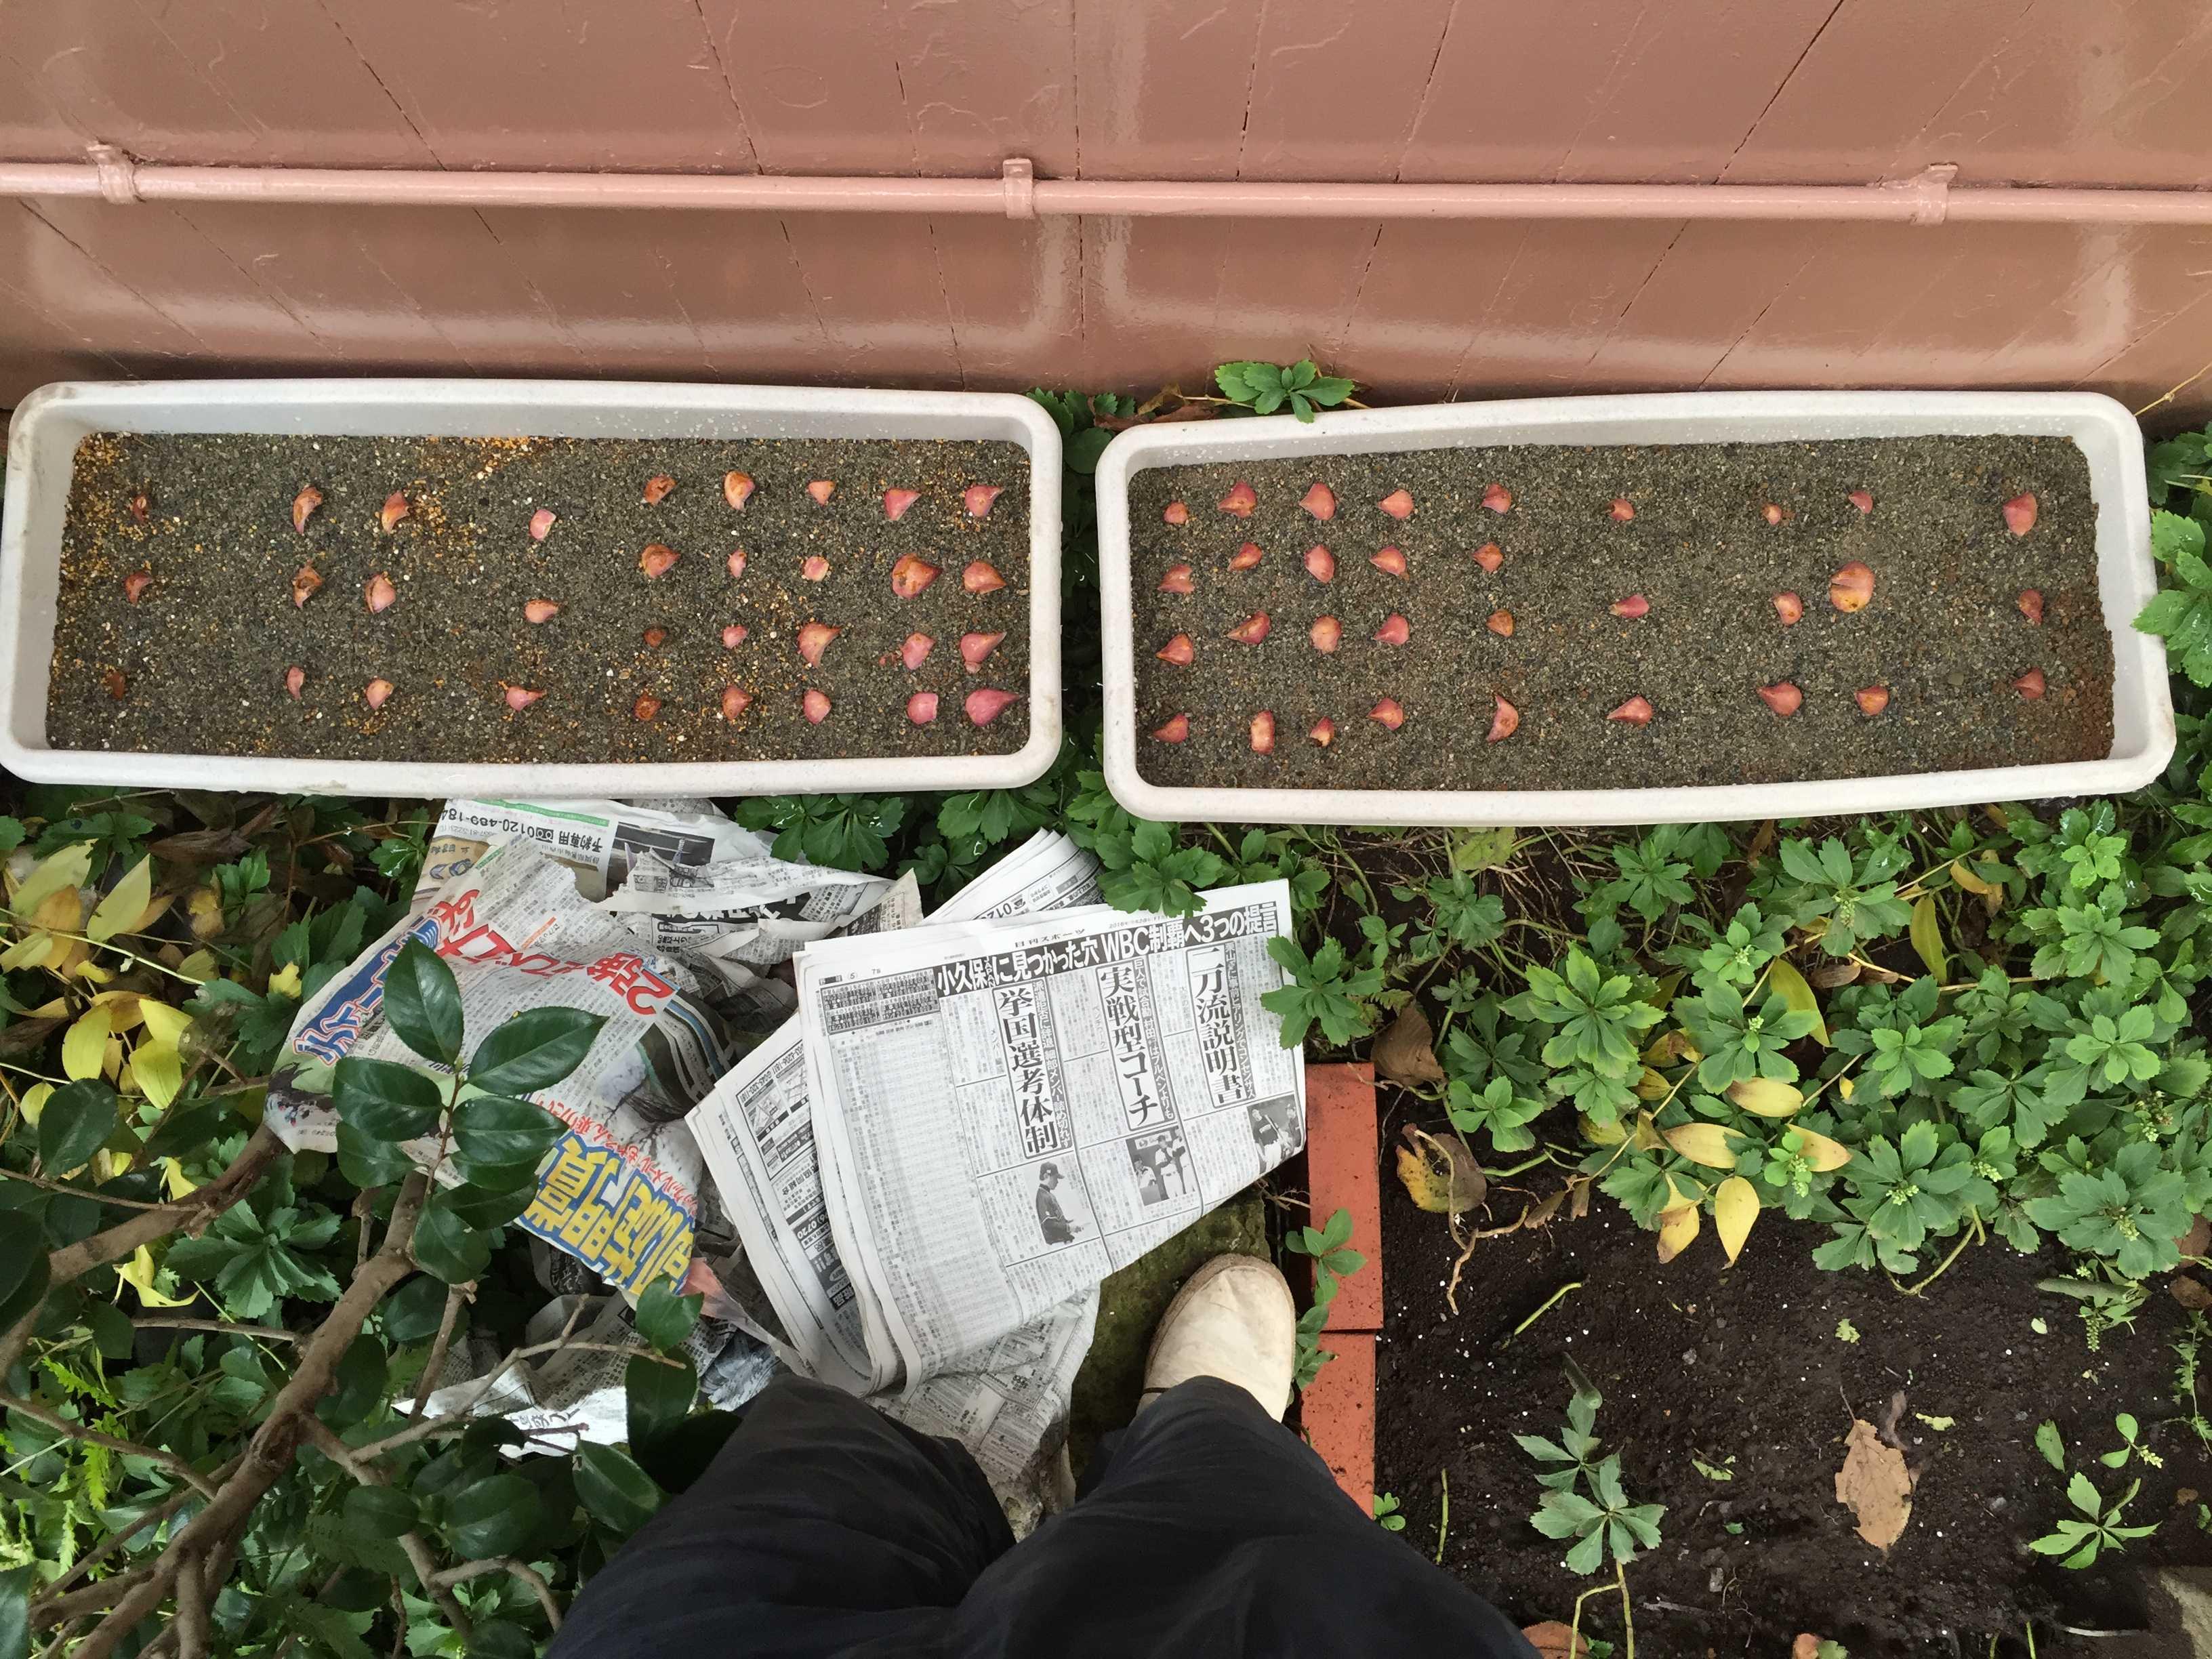 ヤマユリの種子繁殖/実生 - 鱗片挿し